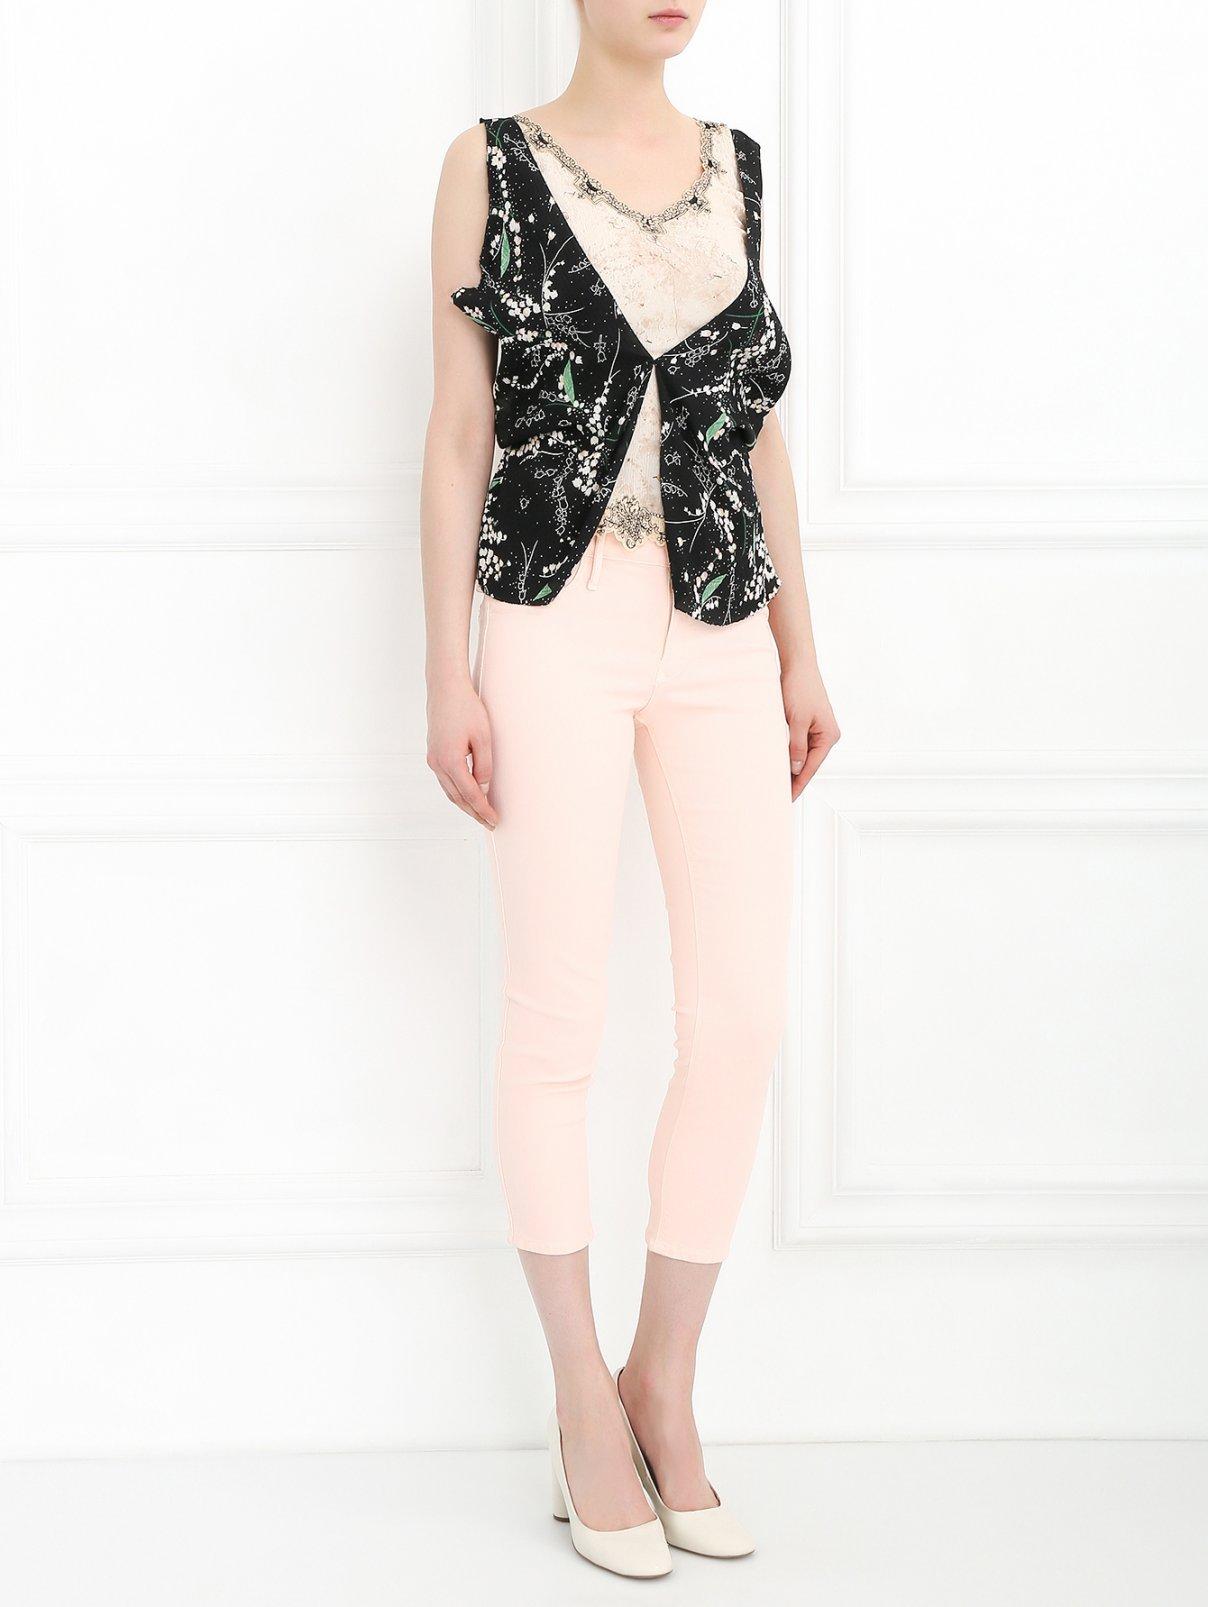 Узкие джинсы из смешанного хлопка Black Orchid  –  Модель Общий вид  – Цвет:  Розовый